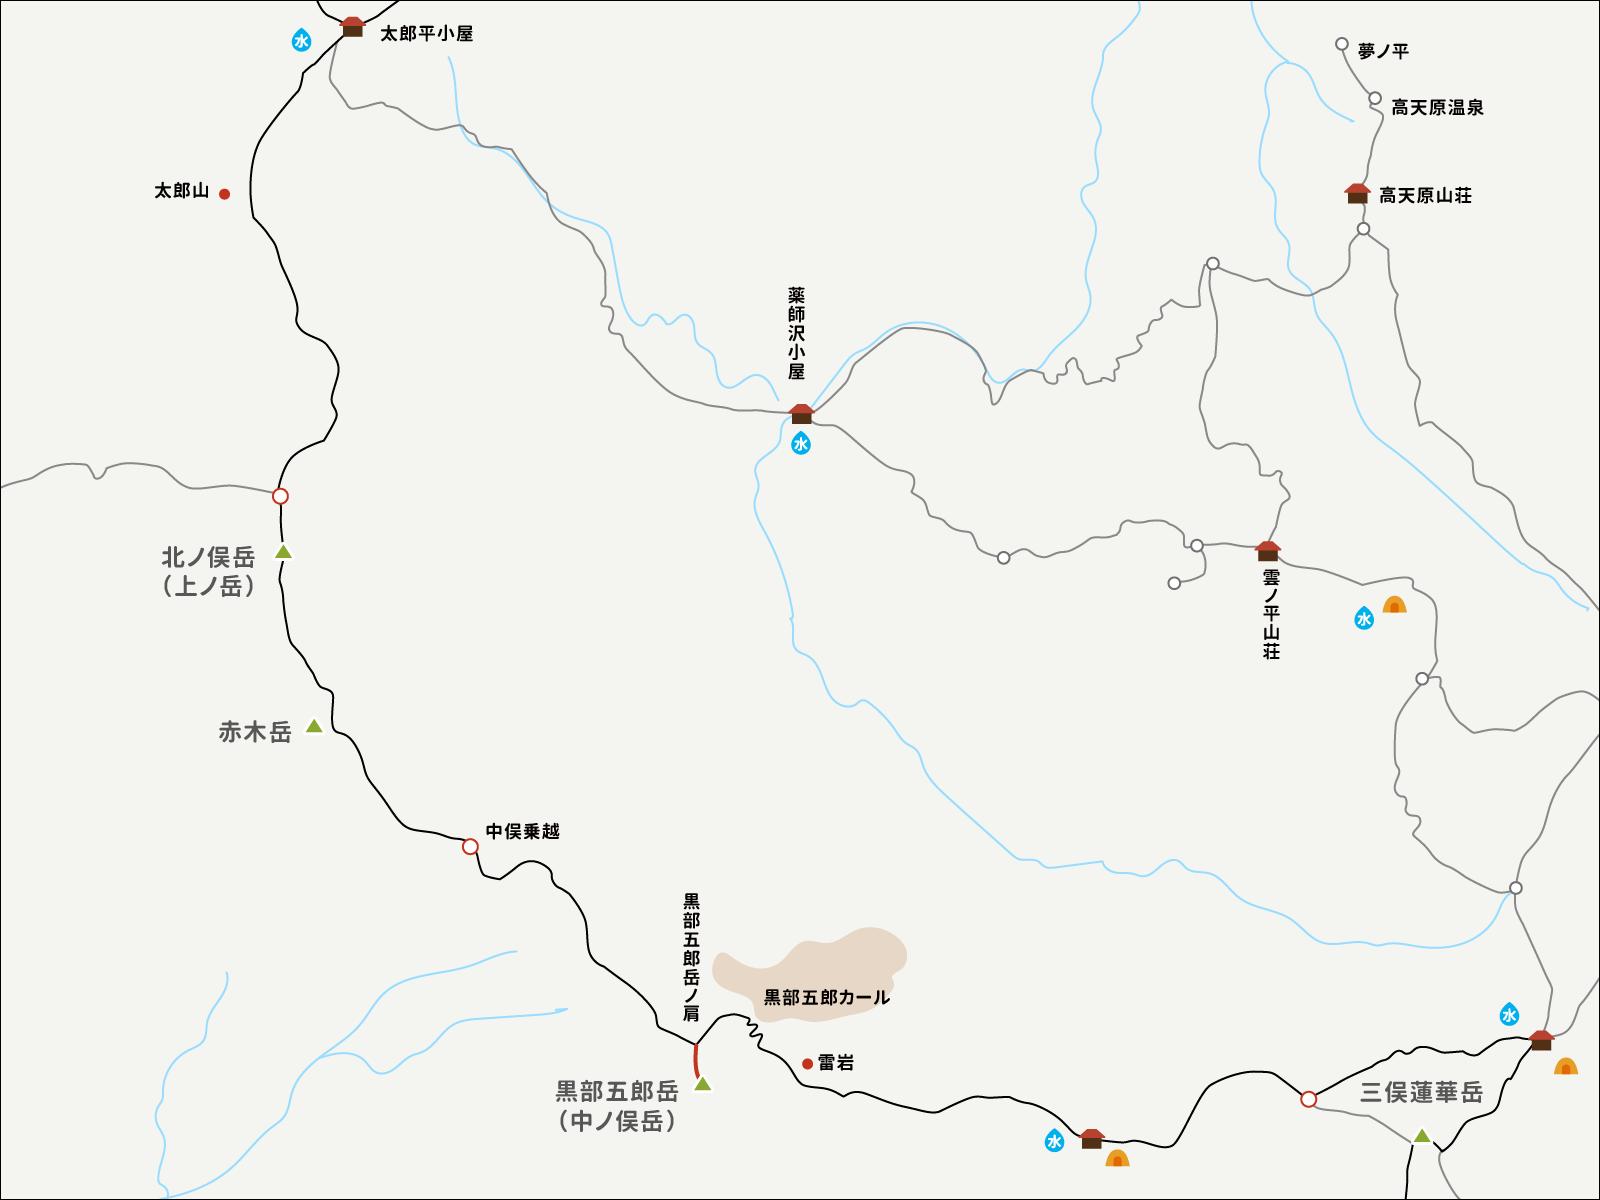 黒部五郎岳の肩から黒部五郎岳までのイラストマップ